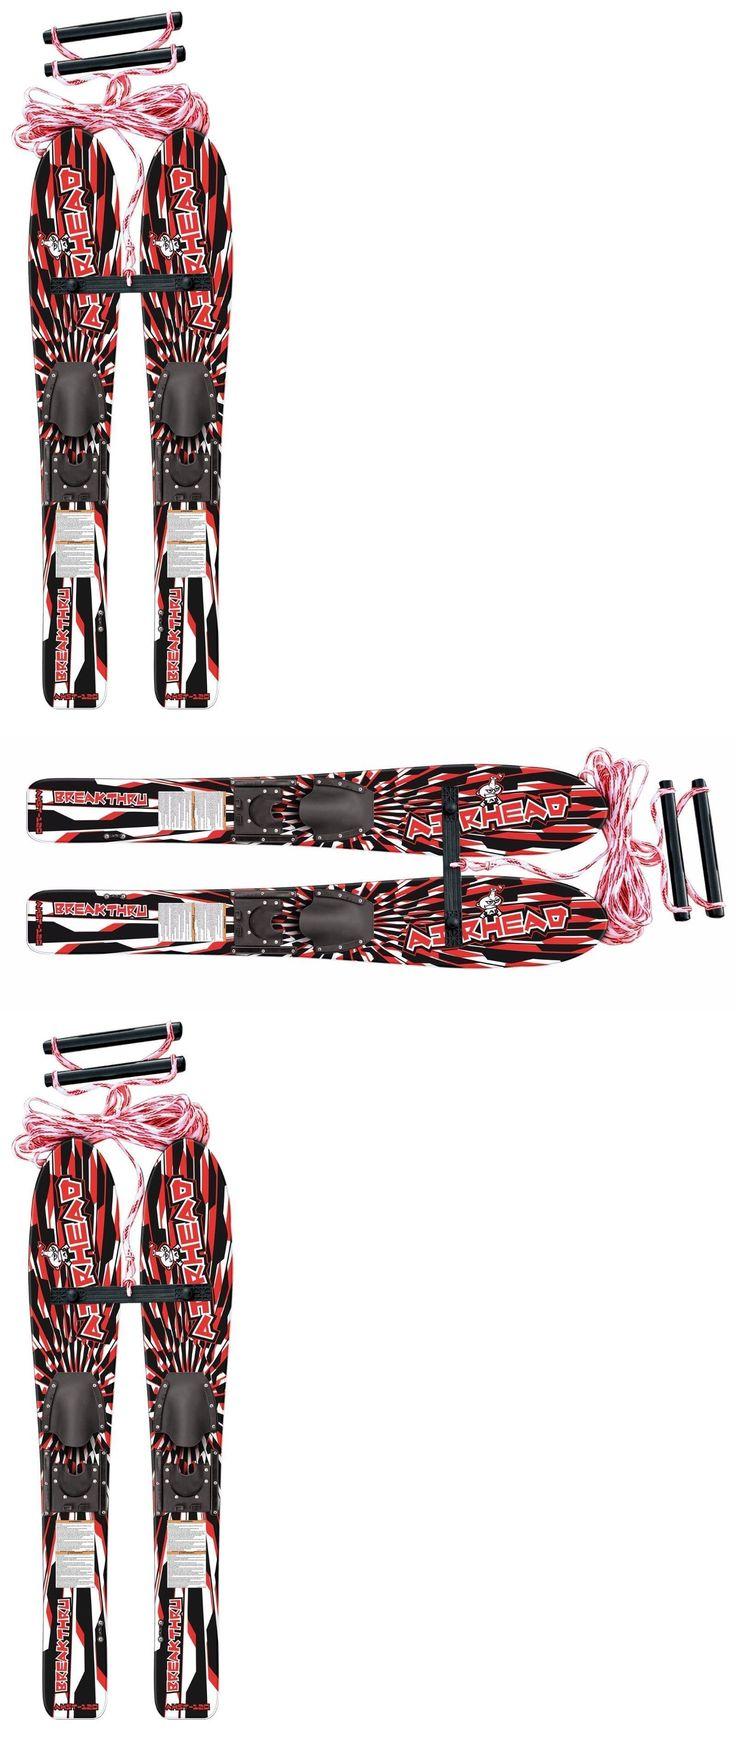 Waterskis 71175: Airhead Breakthrough Wide Trainer Skis Beginner Water Ski Package -> BUY IT NOW ONLY: $89 on eBay!